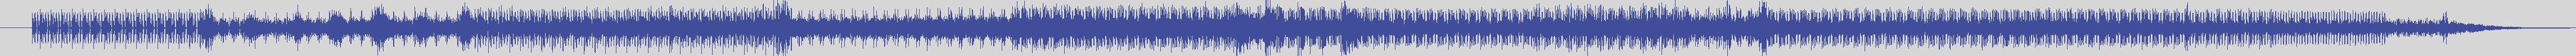 just_digital_records [JS1186] Malden - Astral [Original Mix] audio wave form